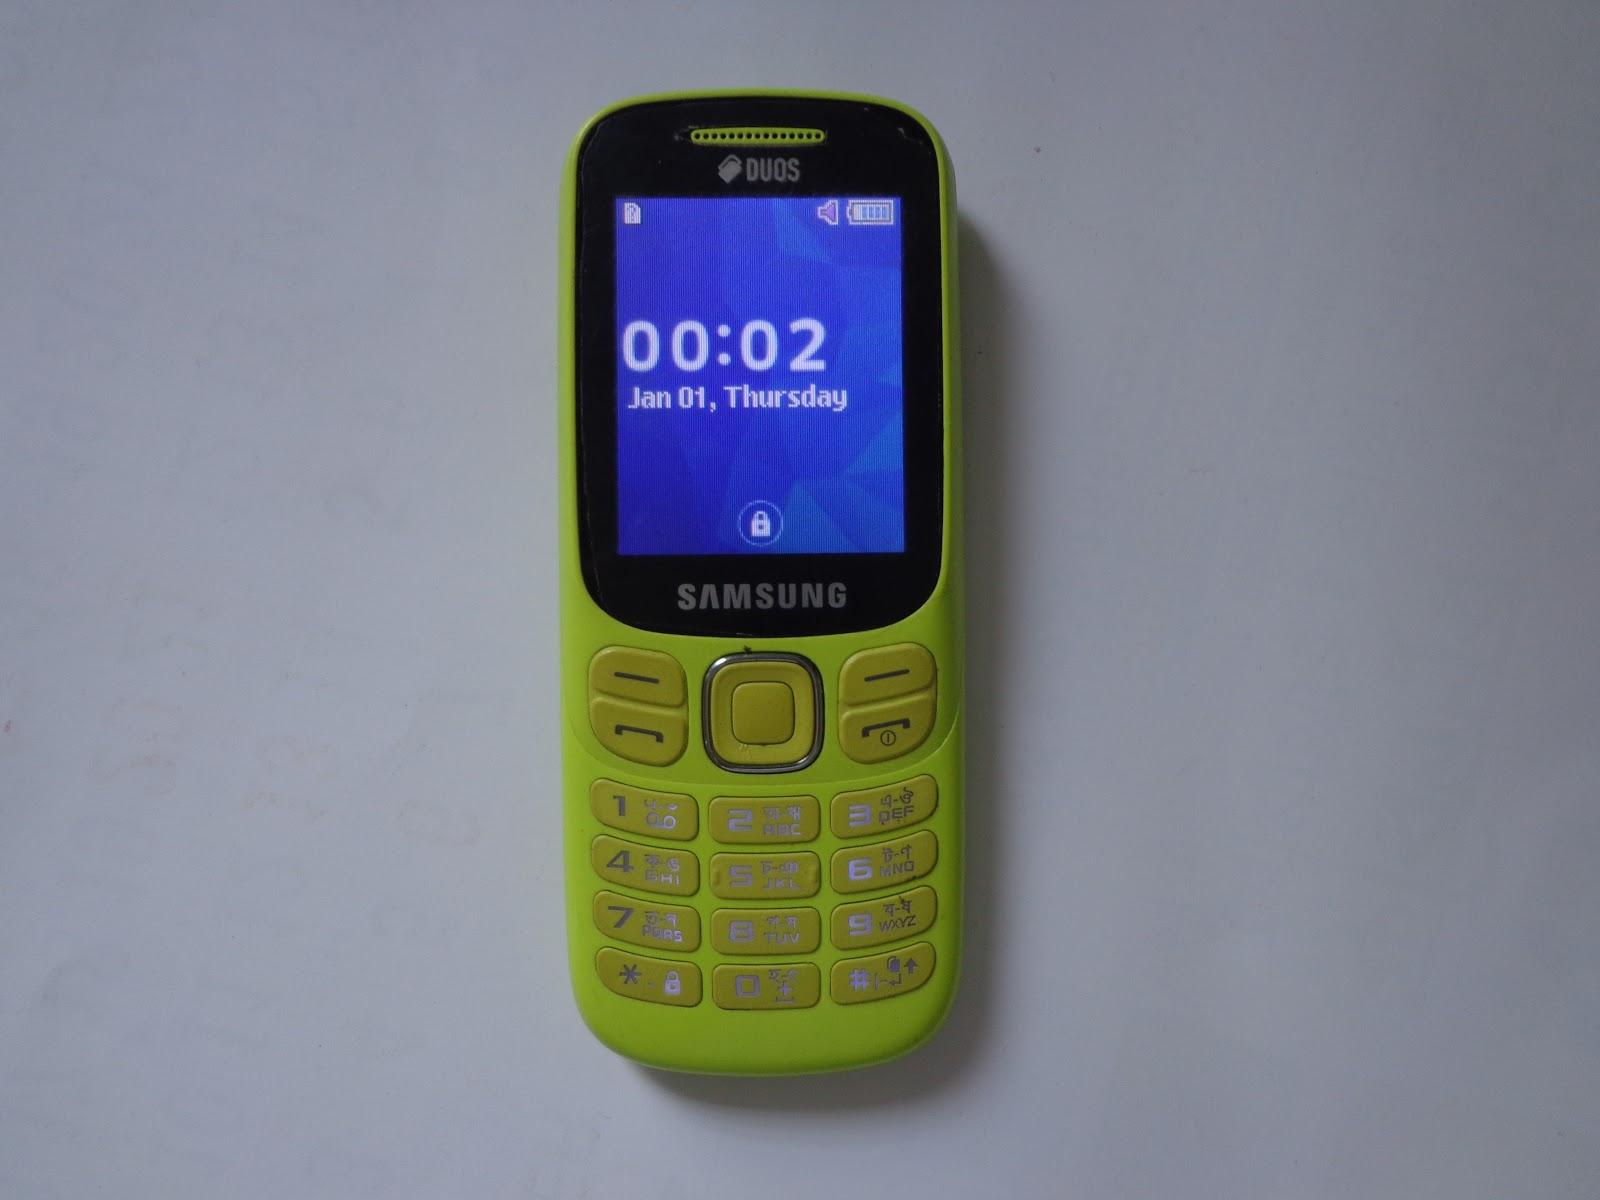 Samsung Sm B313e: Samsung SM-B313E Spd Cpu 6531 100% Tested Flash File